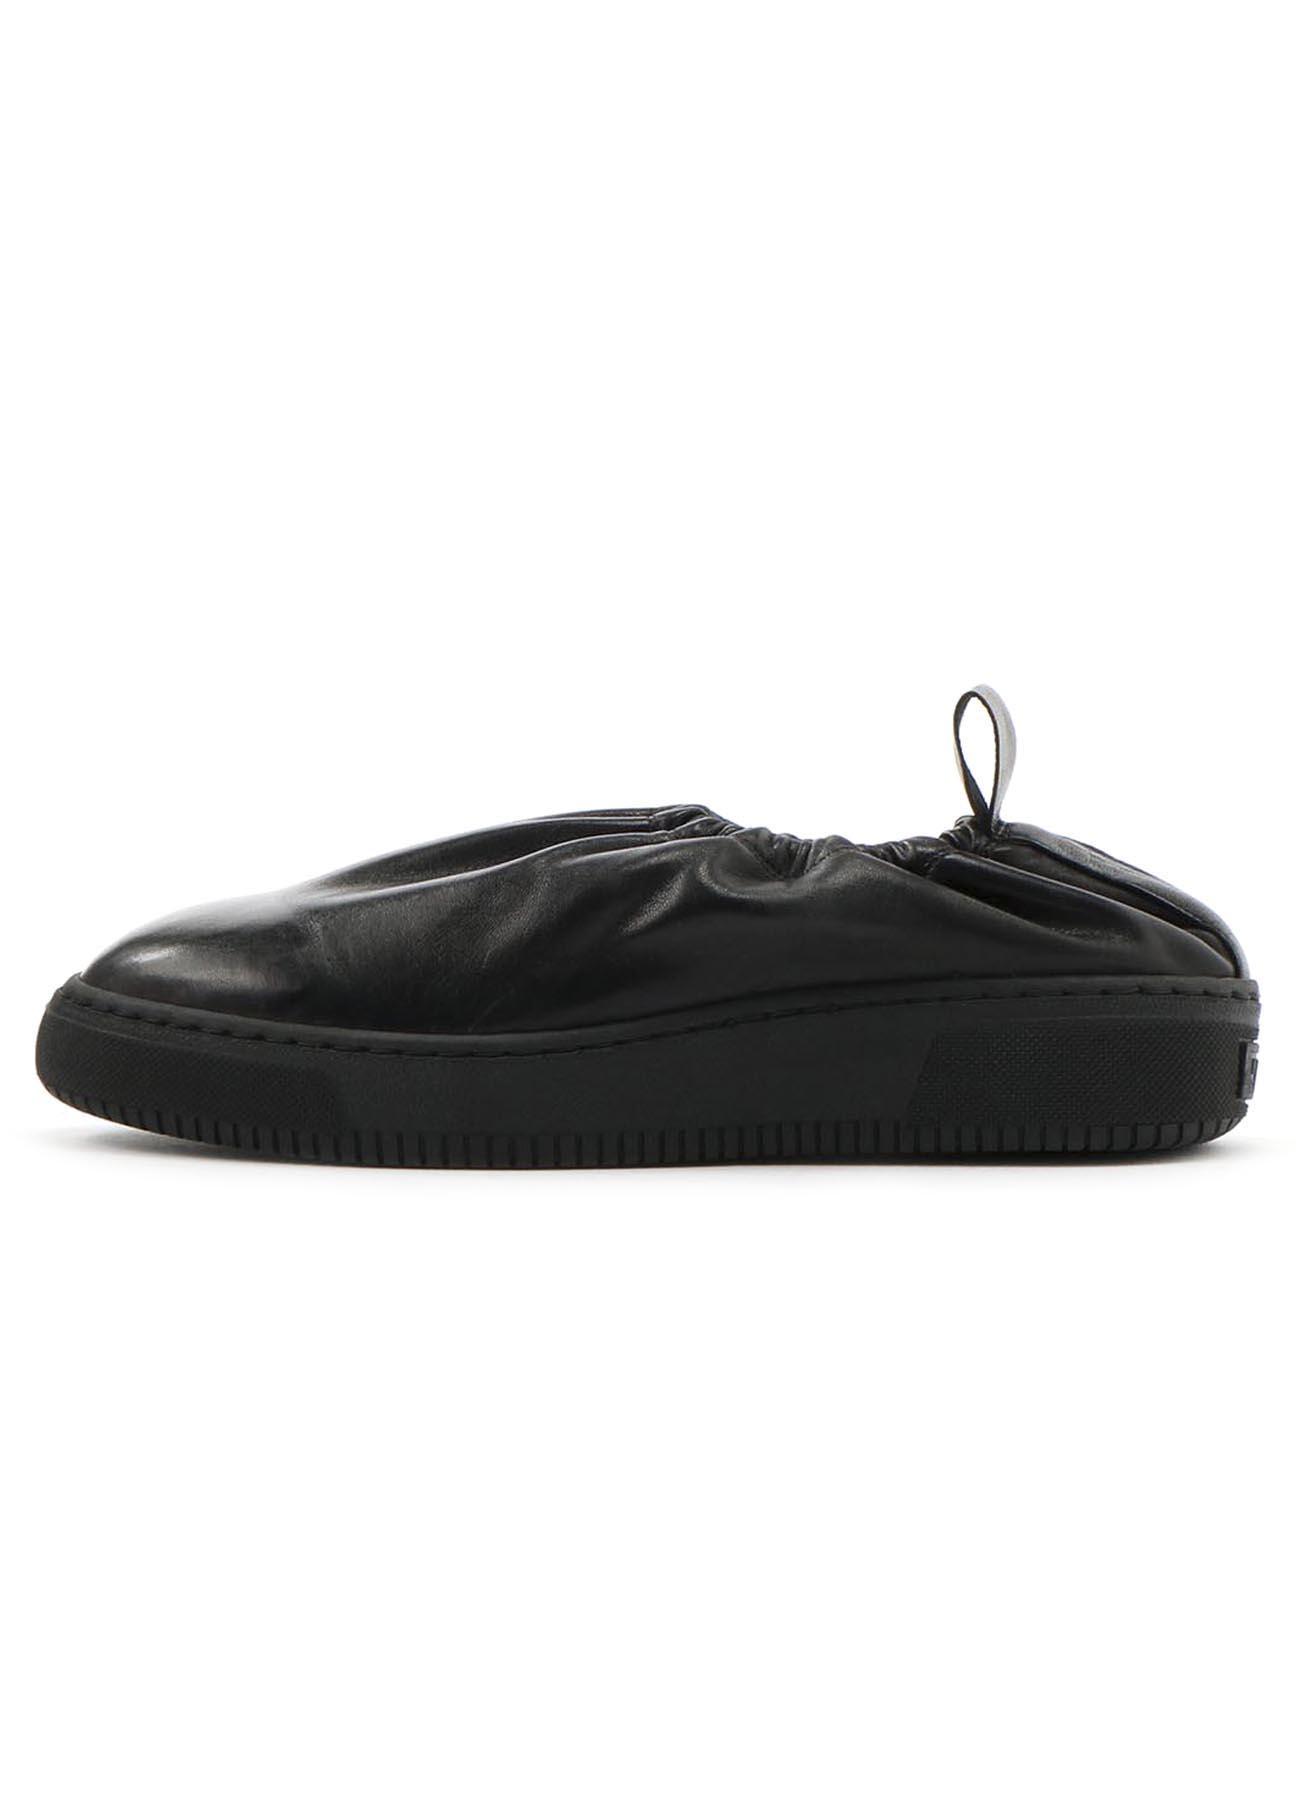 FMS皮革运动鞋